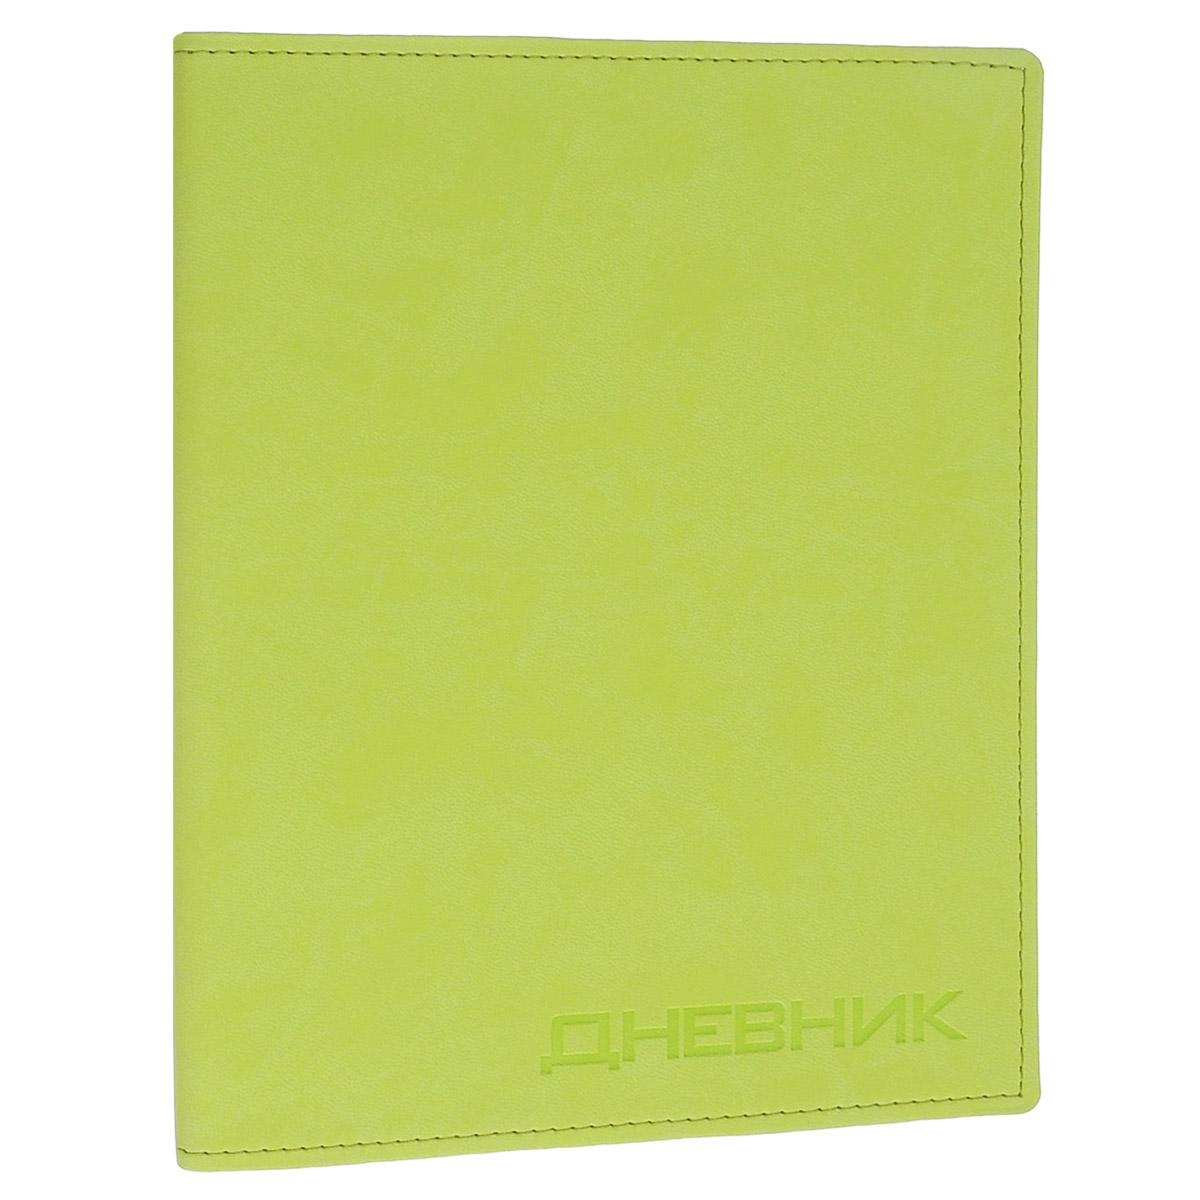 Дневник школьный Триумф Вивелла, цвет: лимонный1300-36Школьный дневник Триумф Вивелла - первый ежедневник вашего ребенка. Он поможет ему не забыть свои задания, а вы всегда сможете проконтролировать его успеваемость. Гибкая, высокопрочная интегральная обложка с закругленными углами прошита по периметру. Надпись нанесена путем вдавленного термотиснения и темнее основного цвета обложки, крепление сшитое. На разворотах под обложкой дневник дополнен политической и физической картой России. Внутренний блок выполнен из качественной бумаги кремового цвета с четкой линовкой темно-серого цвета. В структуру дневника входят все необходимые разделы: информация о школе и педагогах, расписание занятий и факультативов по четвертям. На последней странице для итоговых оценок незаполненные графы изучаемых предметов.